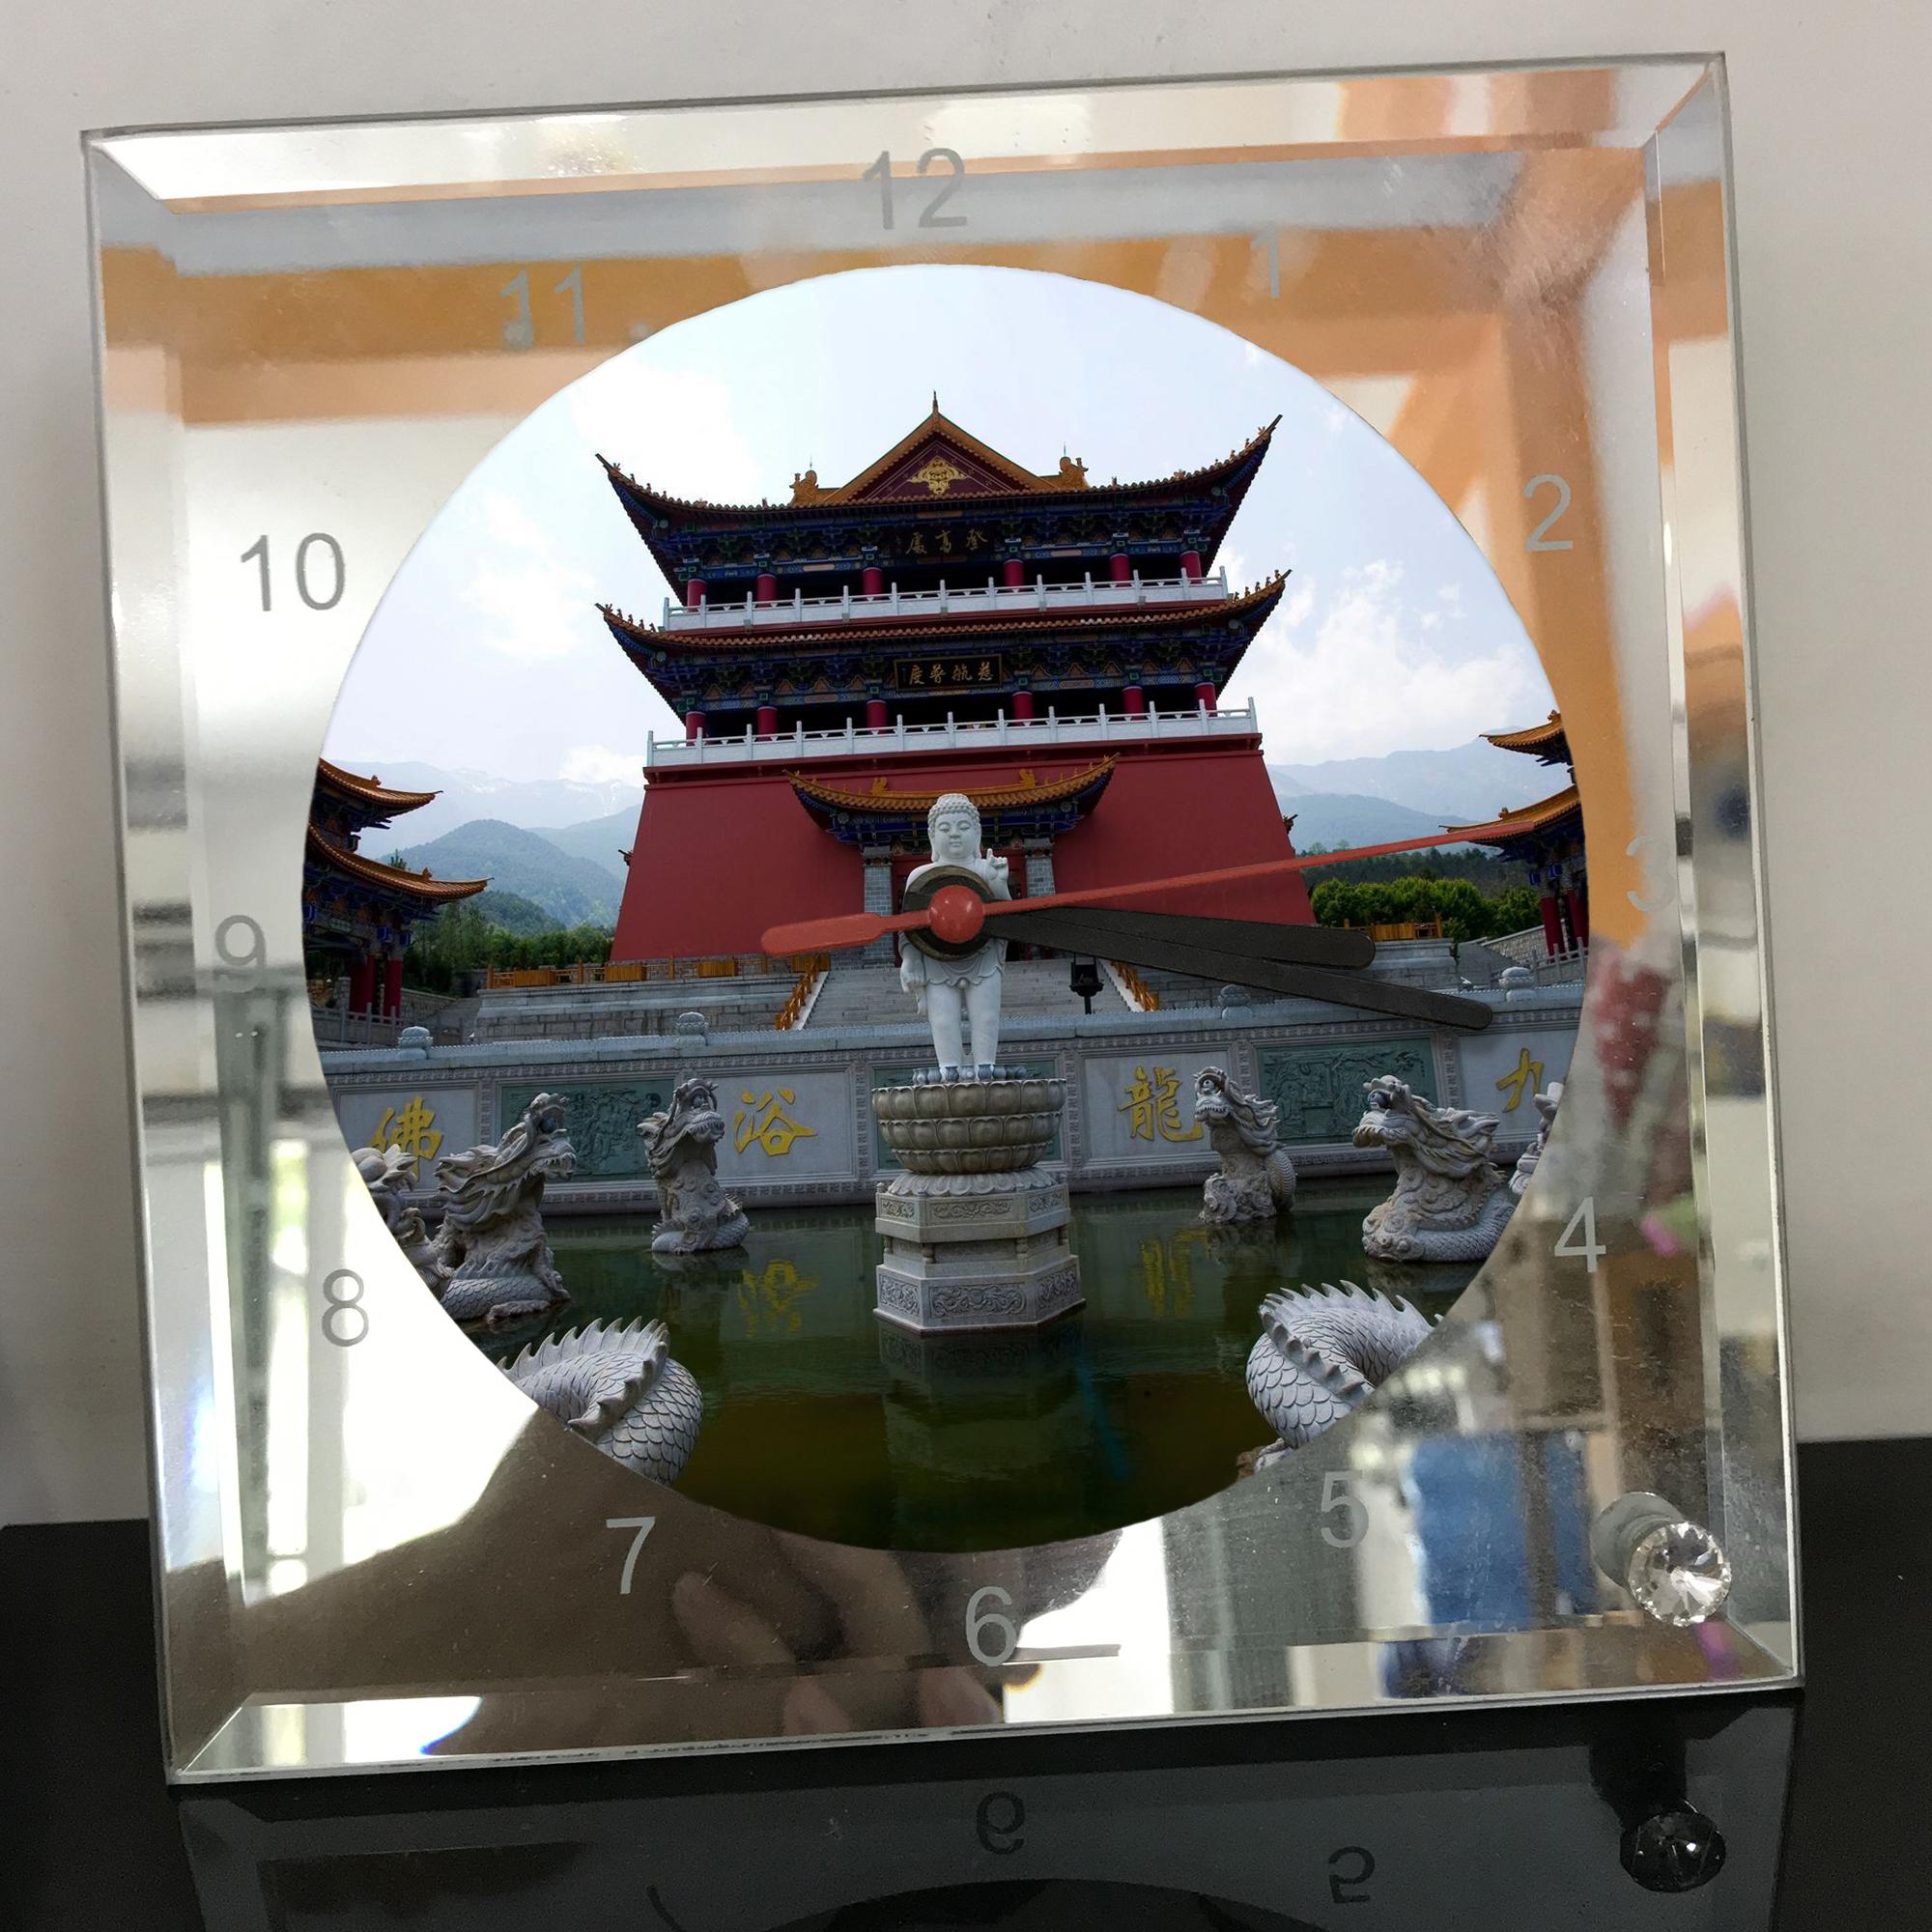 Đồng hồ thủy tinh vuông 20x20 in hình Temple - đền thờ (47) . Đồng hồ thủy tinh để bàn trang trí đẹp chủ đề tôn giáo